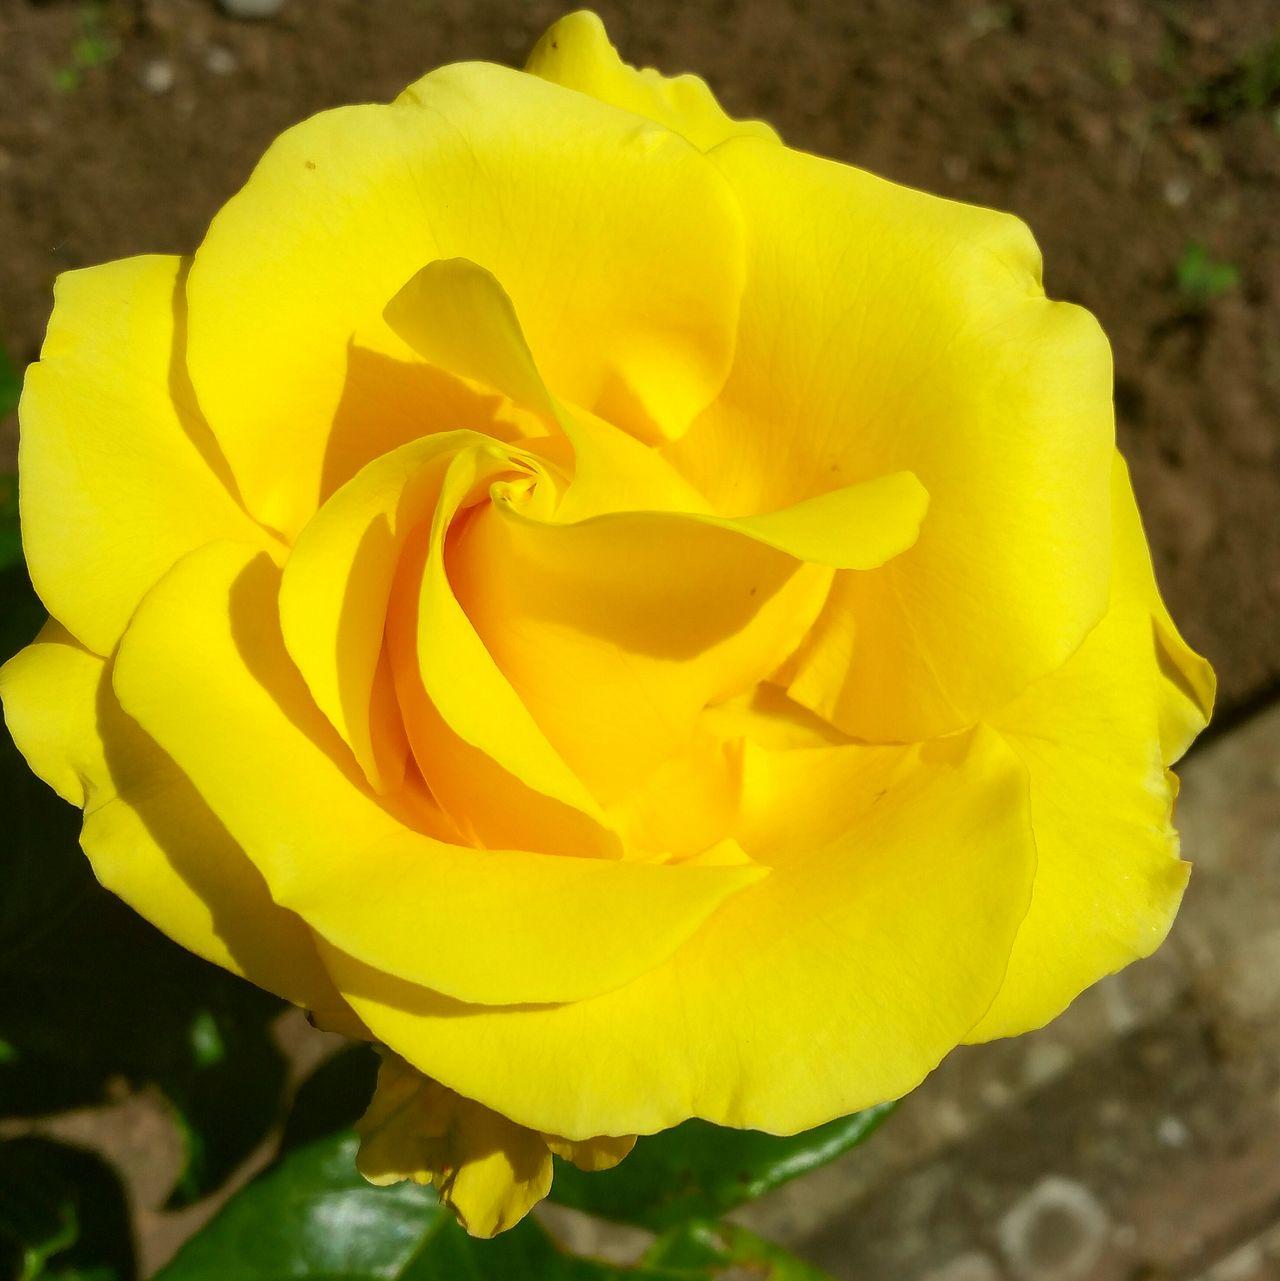 Yellow Flower Flower Head Walking Around EyeEm Flowers Collection Eyeem Flowers Yellowflower Yellow Rose Garden Maesycwmmer